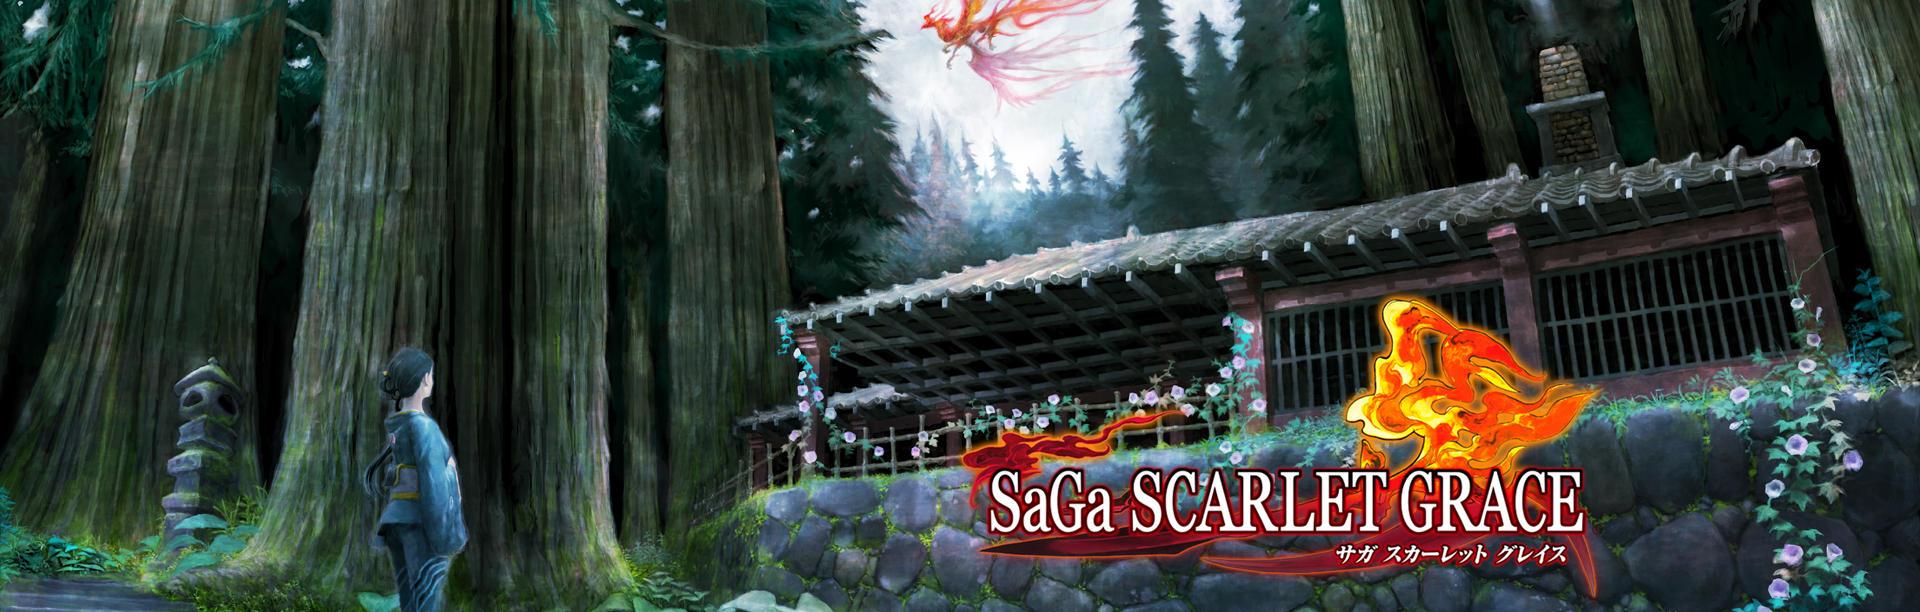 20161207-sagasg-main.jpg